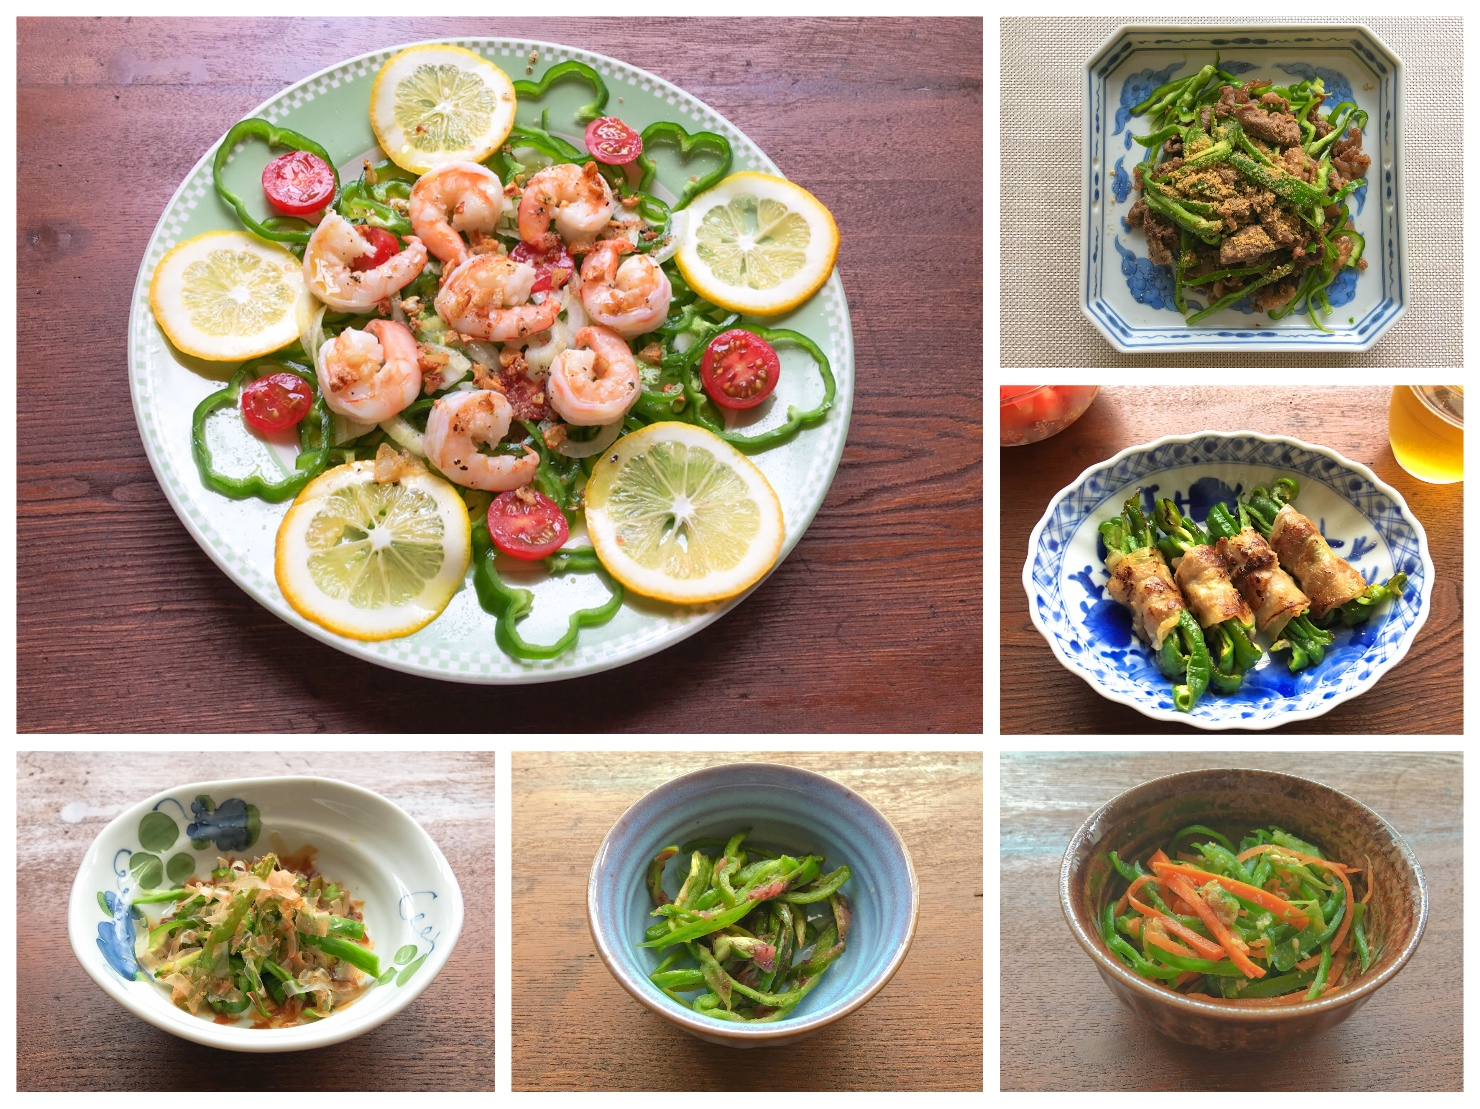 ピーマンを生で食べる料理の写真のコラージュ